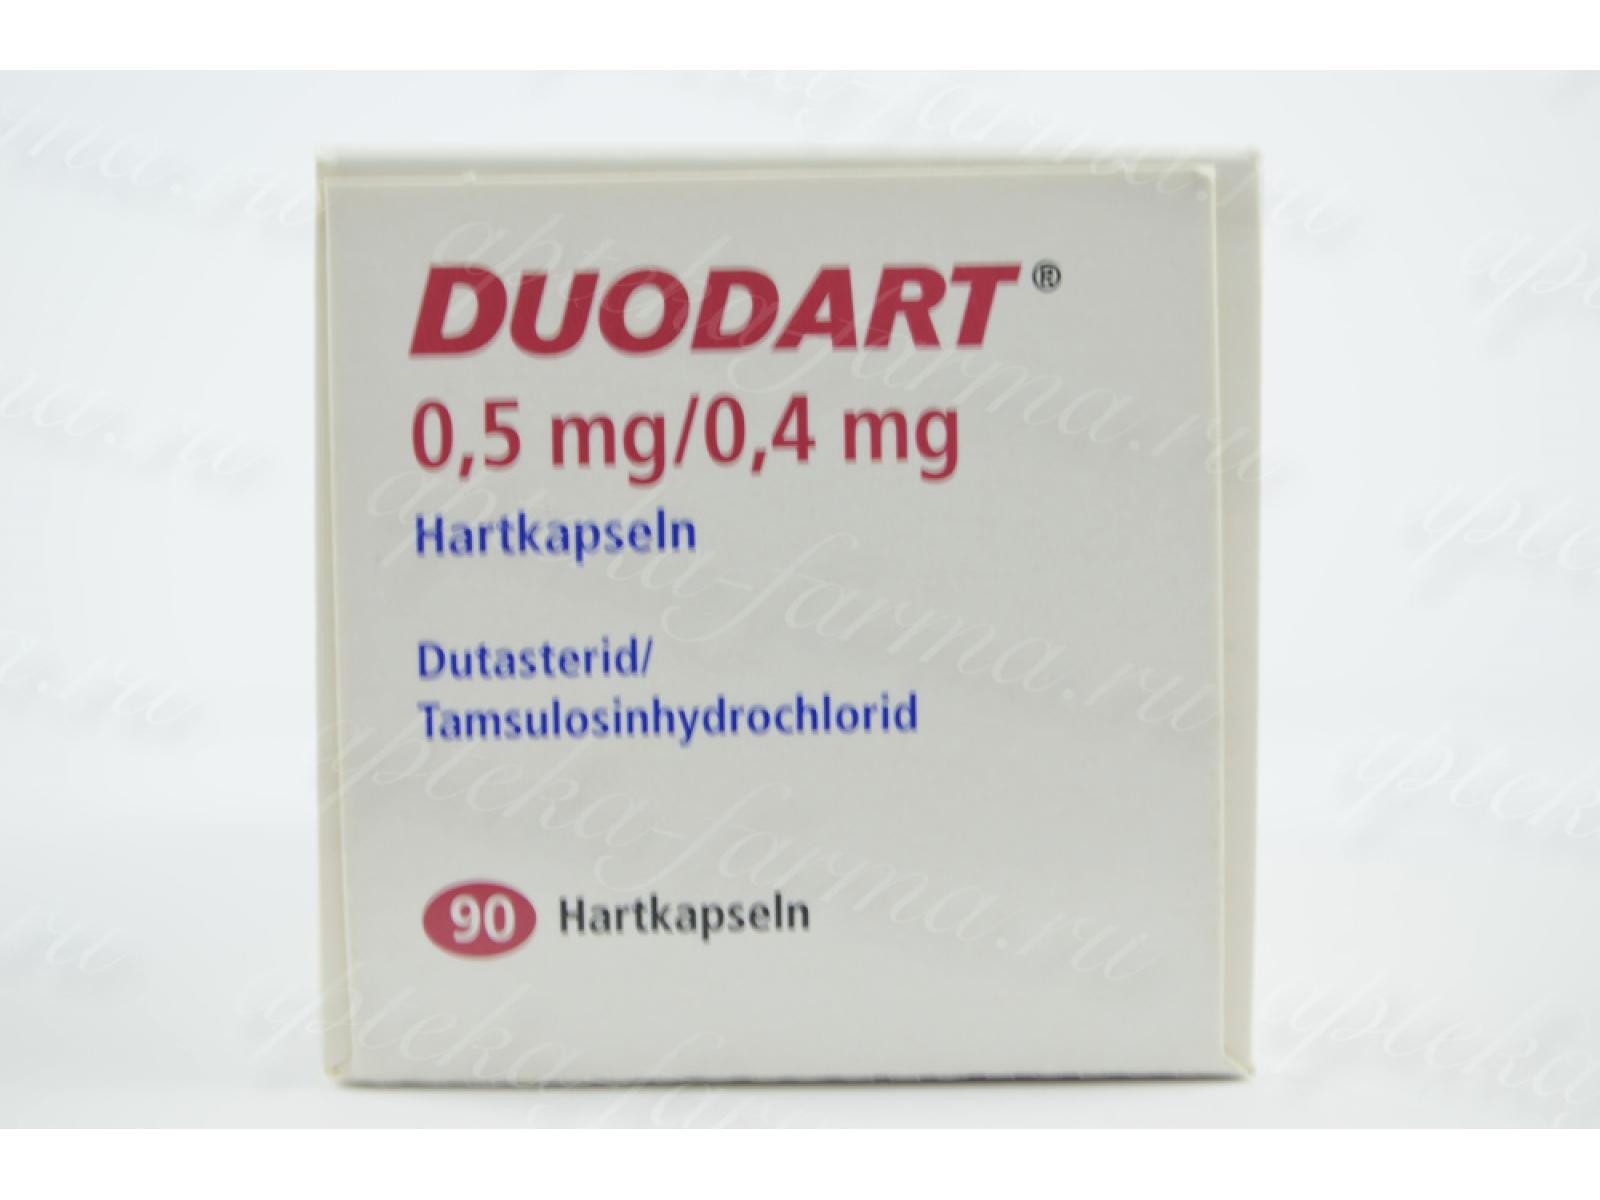 Дуодарт (duodart) 90 таблеток. цена, инструкция, противопоказания, побочные действия, аналоги